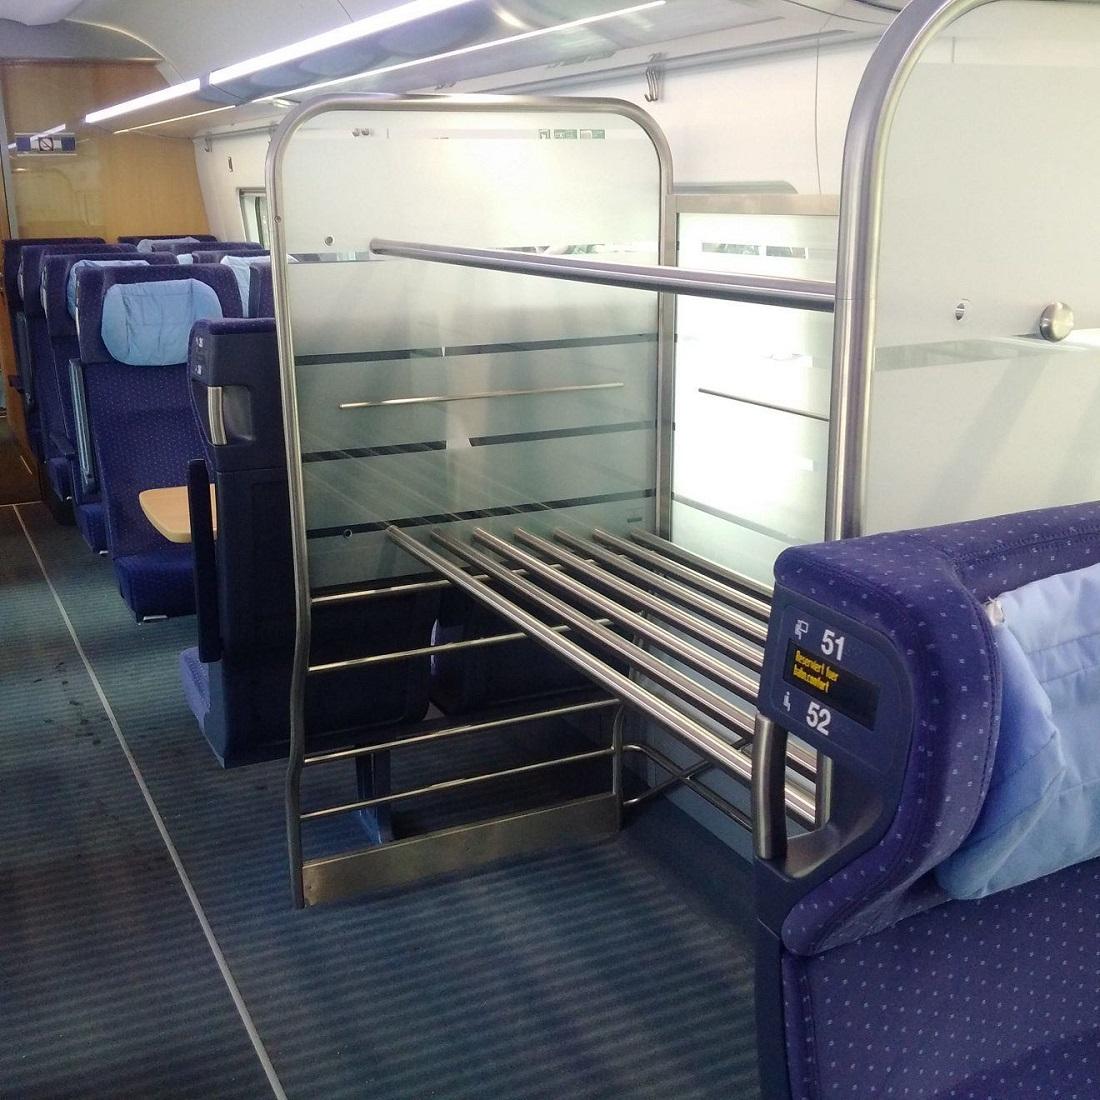 A nagyobb bőrönddel utazók számára fontosak a kocsikban kialakított csomagtárolók, mint ahogy az ICE4-eseken is jelen vannak (Kép: railguideeurope.com)